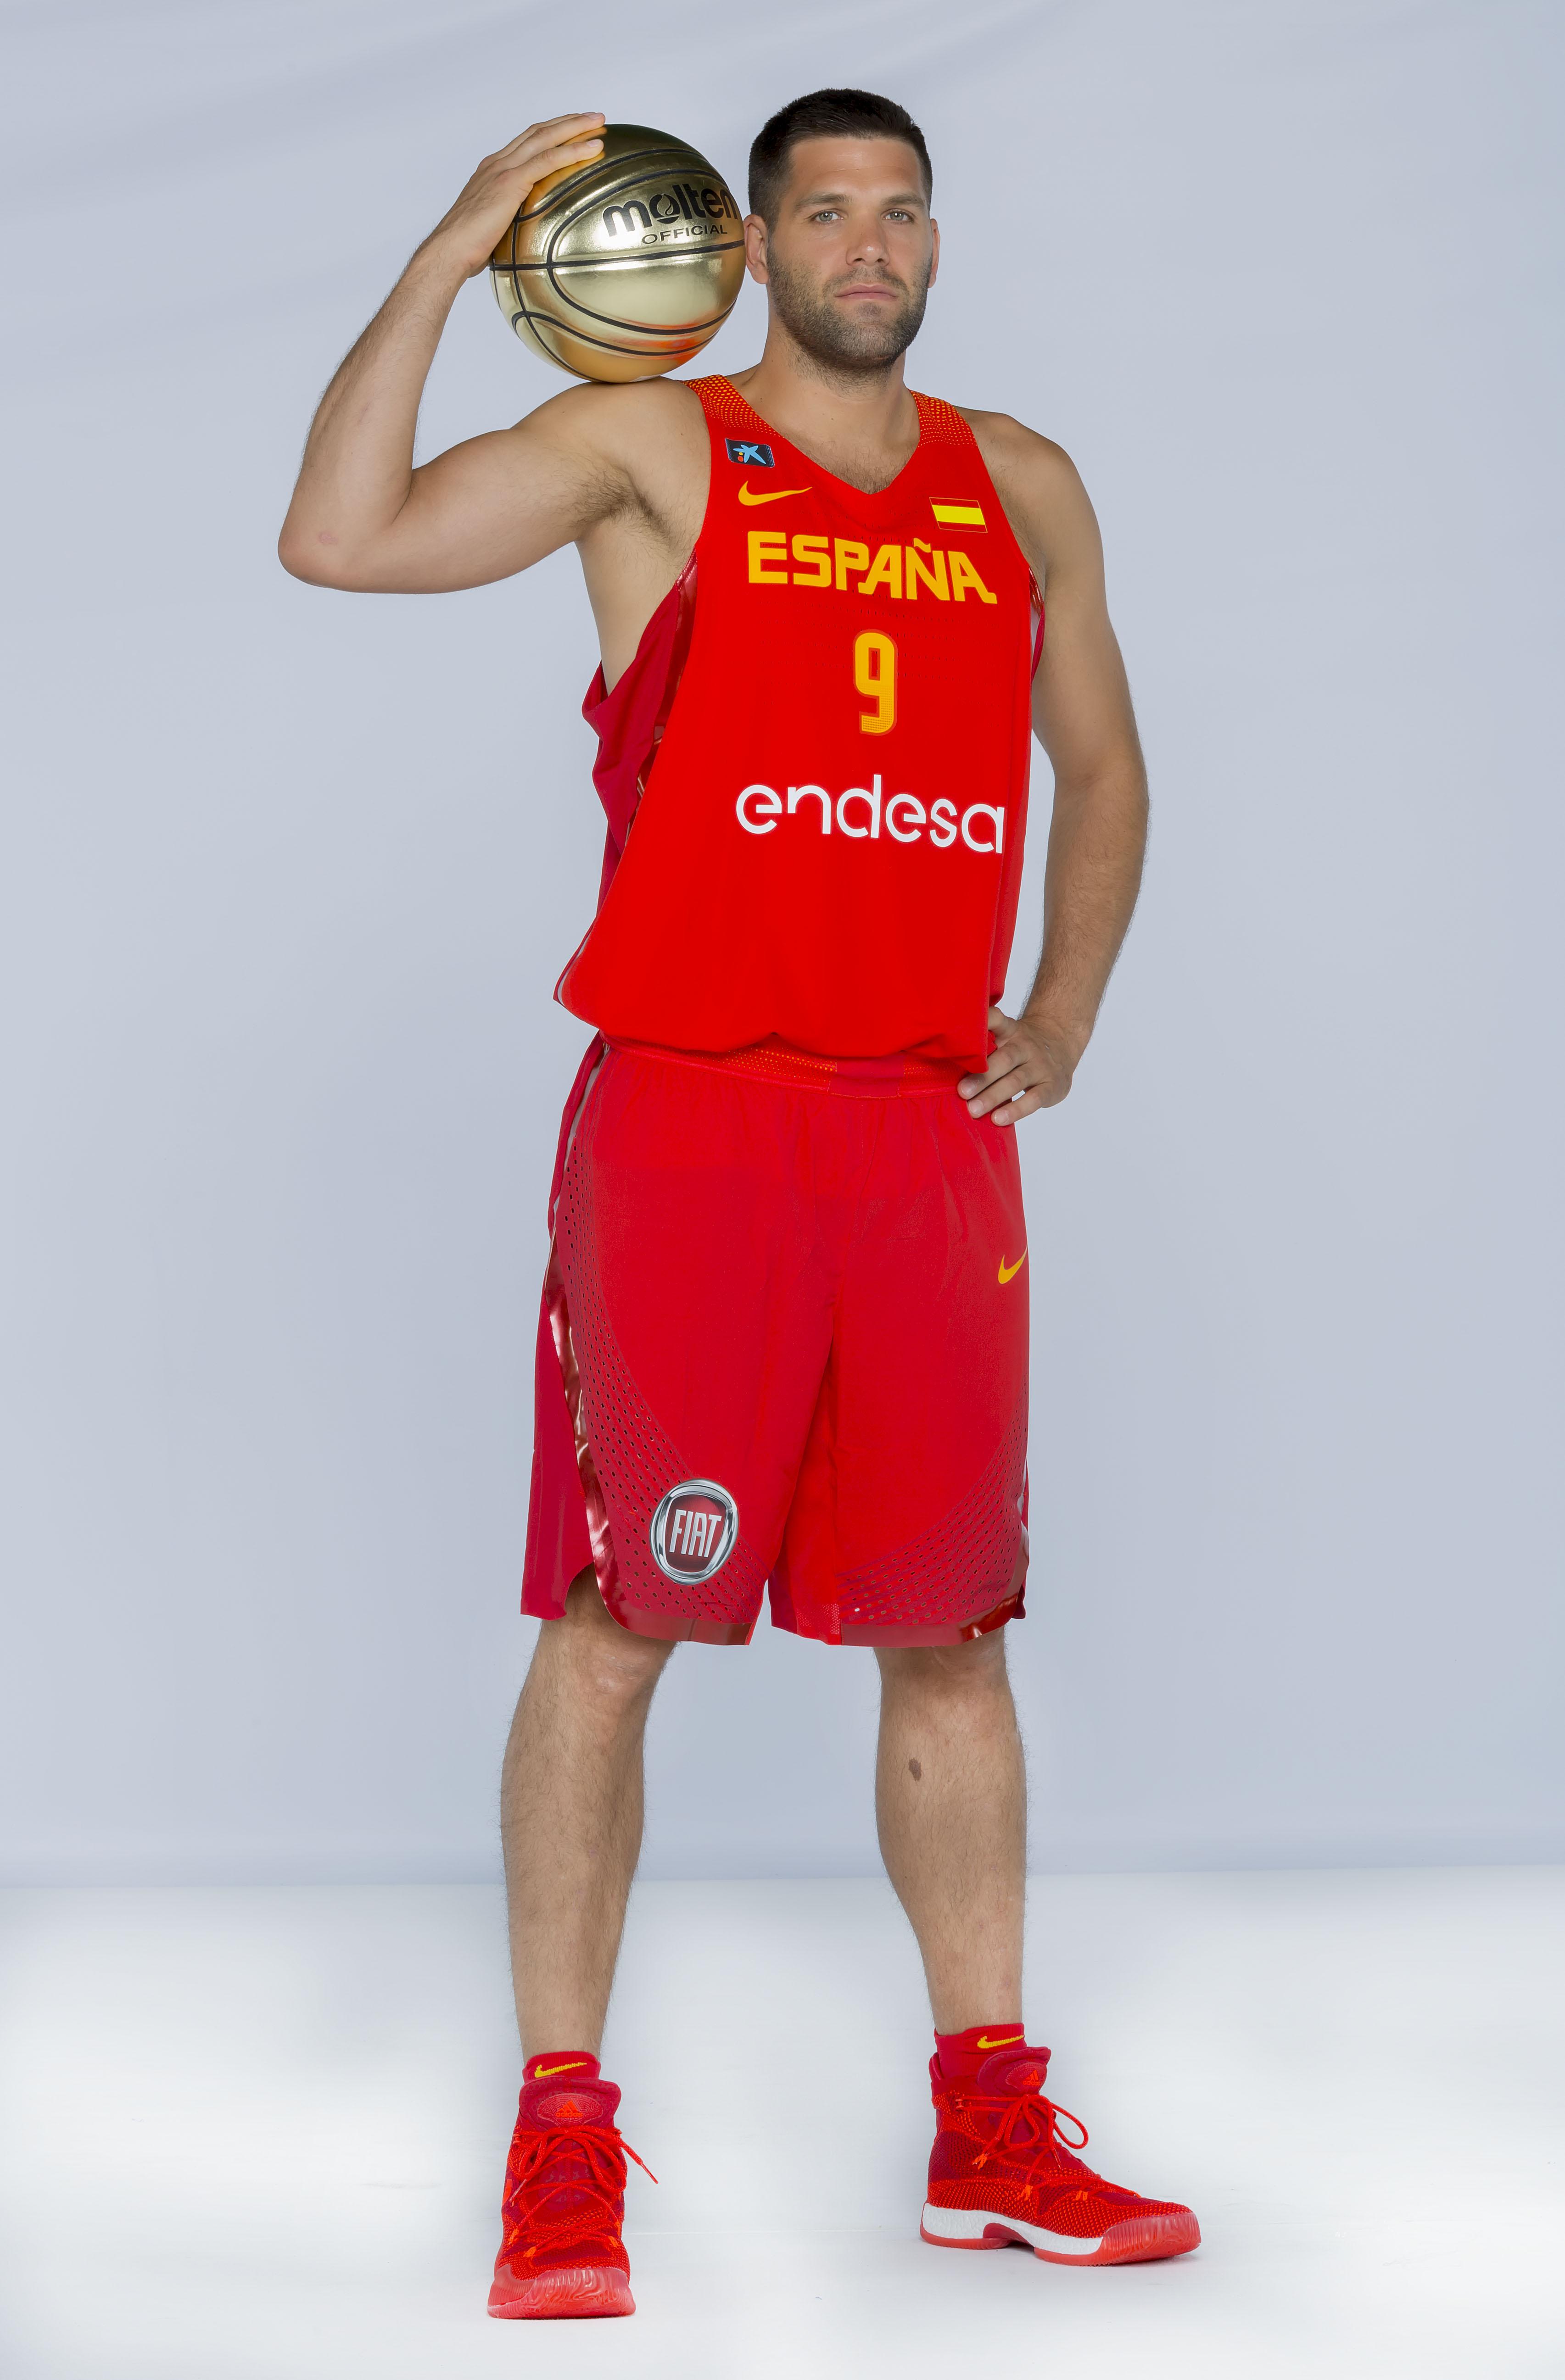 Felipe Reyes con las vistosas Adidas Crazy Explosive